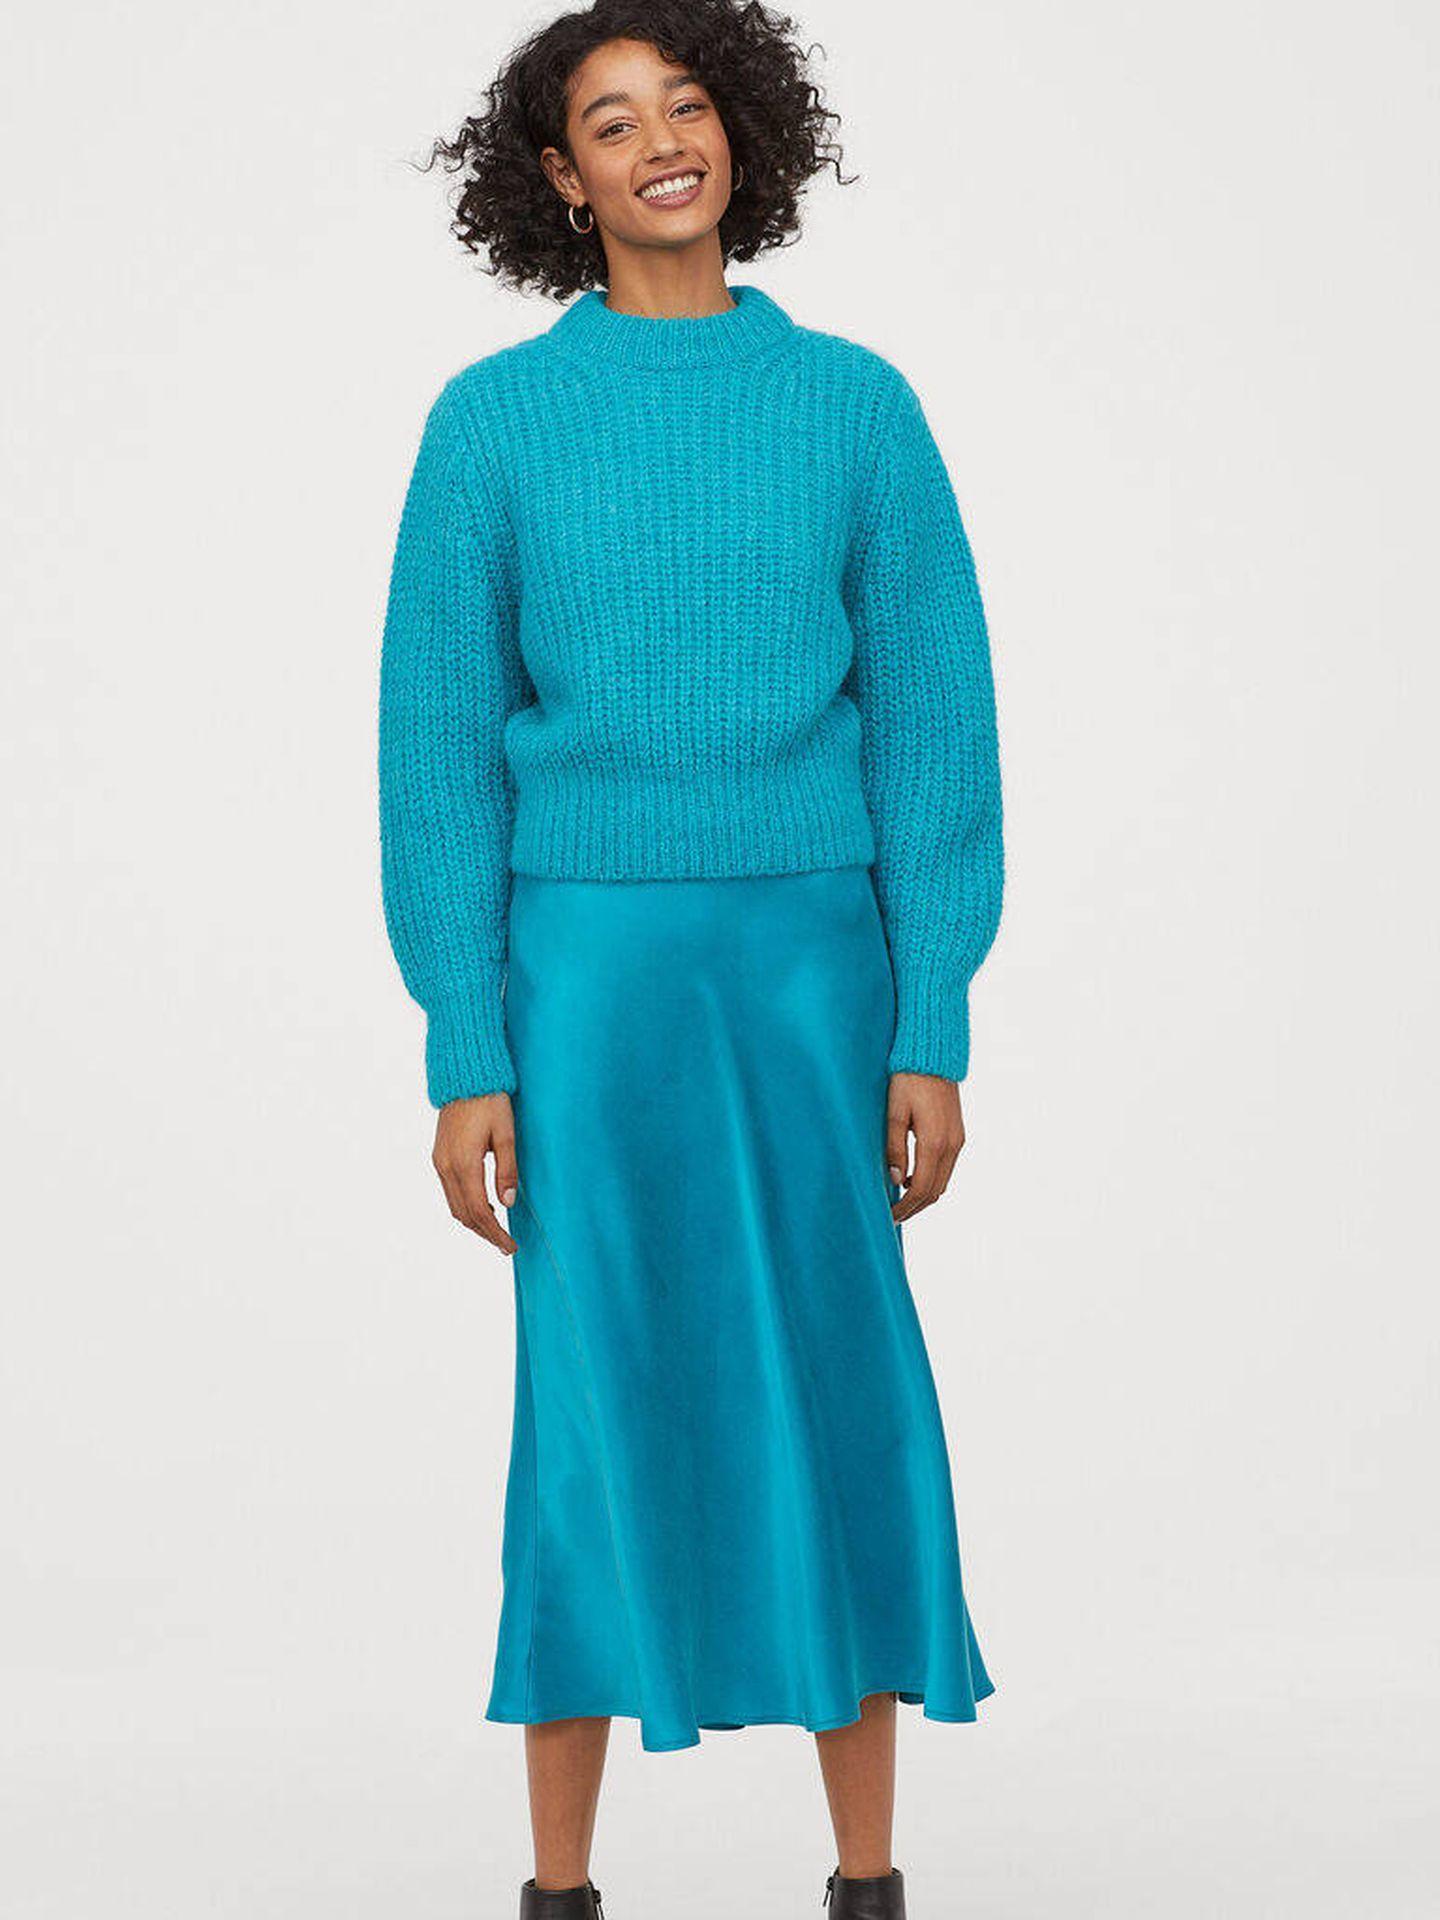 La falda satinada de HyM. (Cortesía)